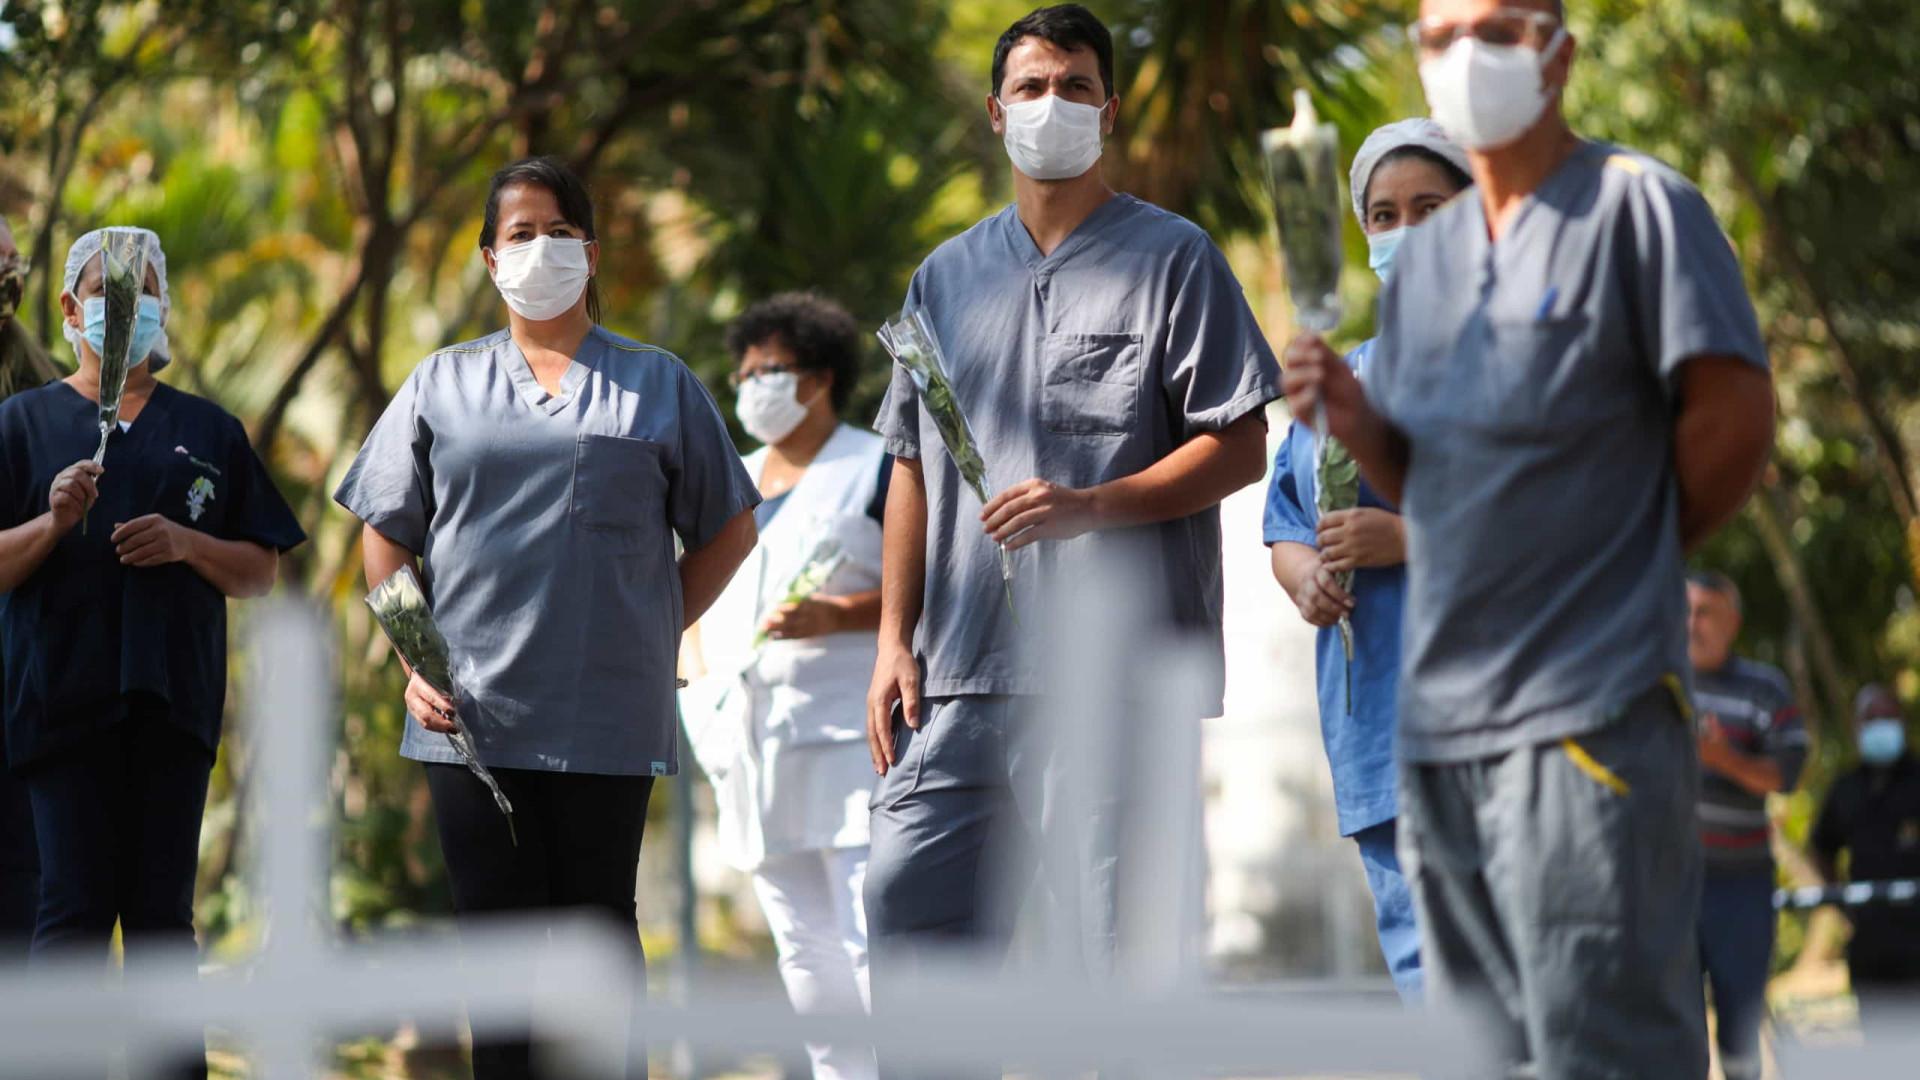 Brasil registra novo recorde diário com 2.841 mortes por Covid-19 em 24h